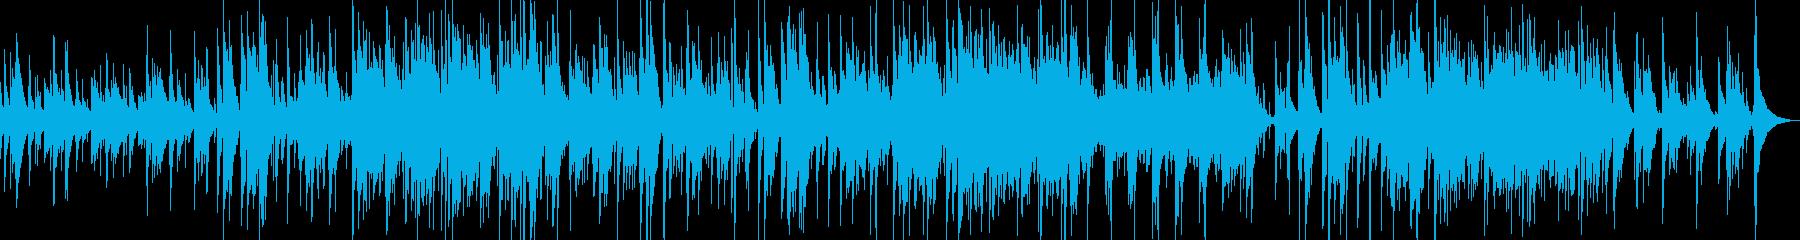 バラード・懐かしさ・優しいの再生済みの波形